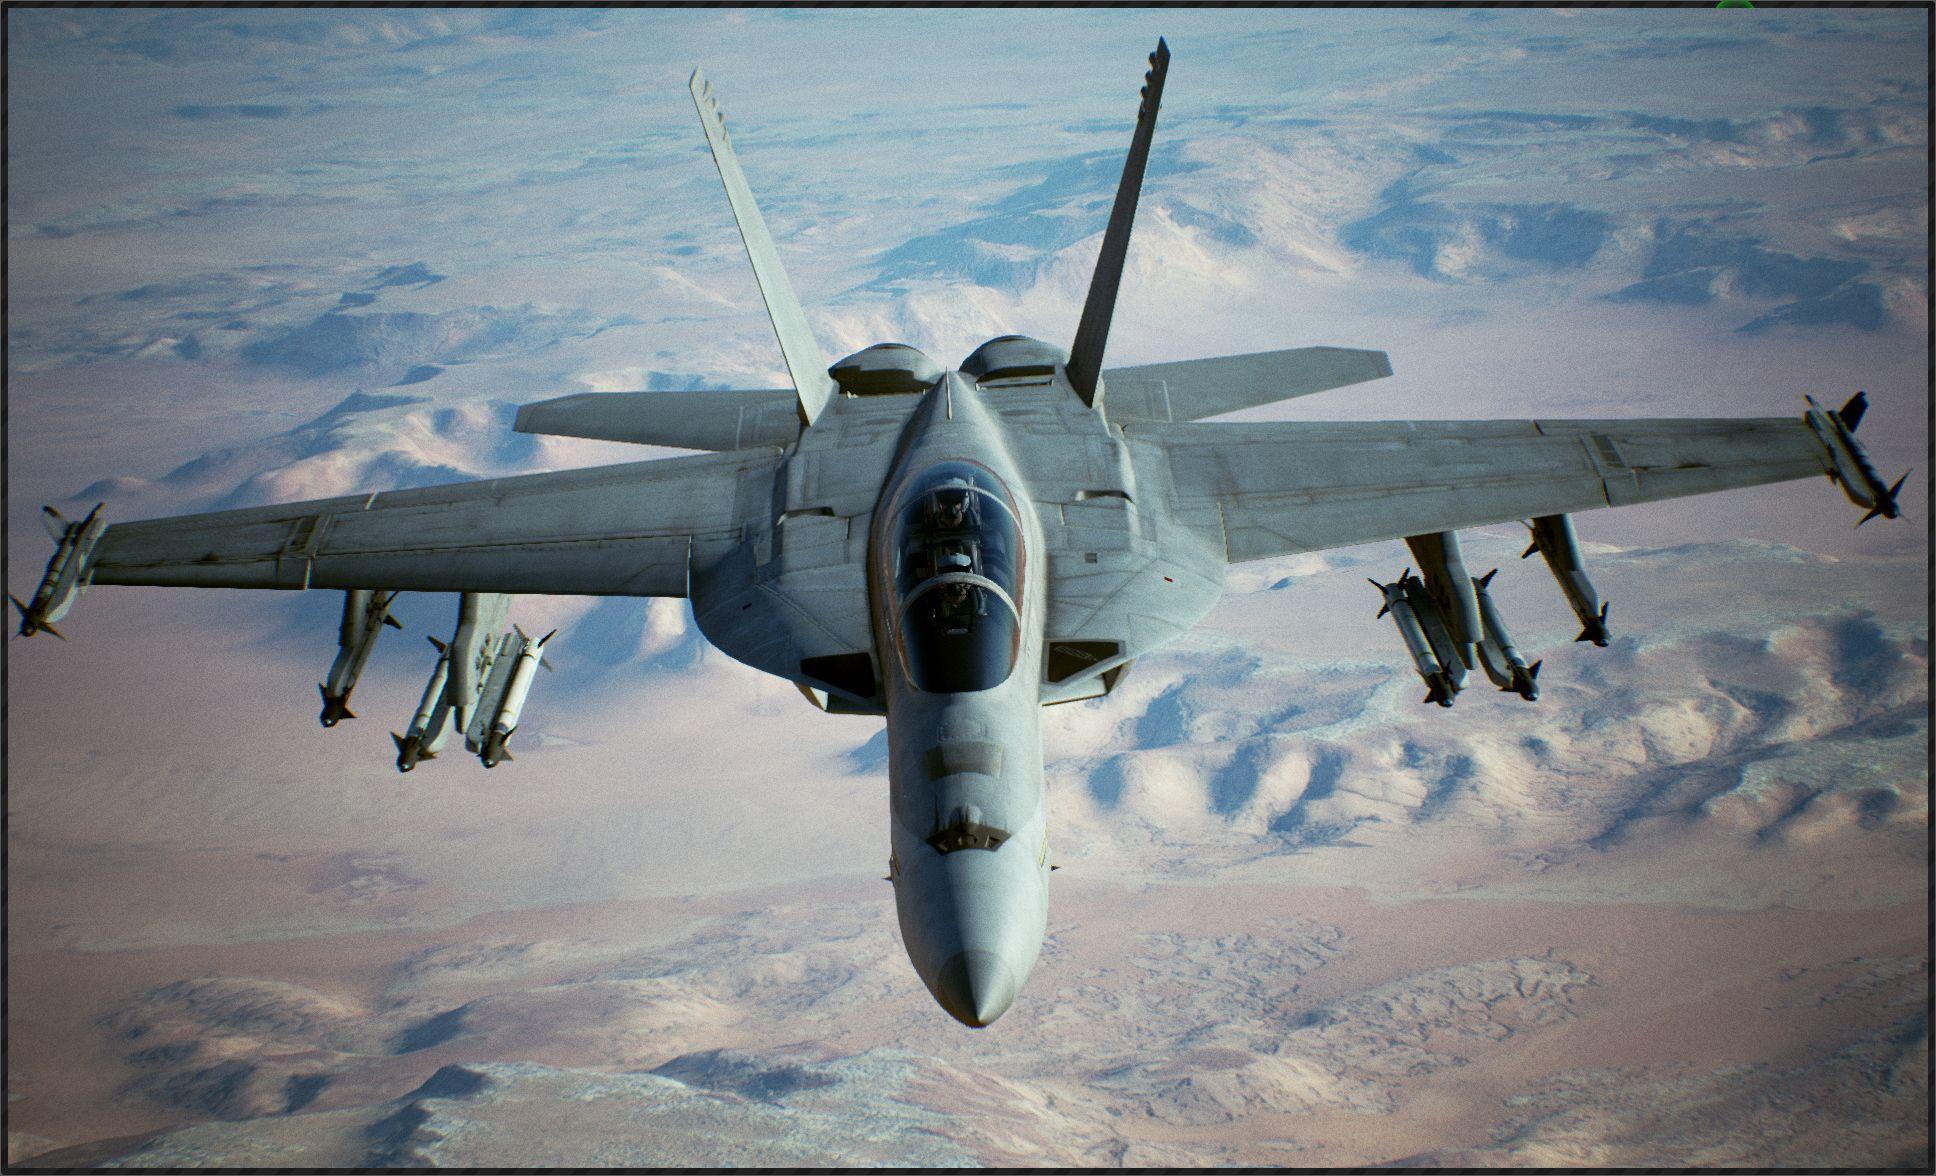 ویدئوهای جدید منتشر شده از Ace Combat 7 ماموریتهای بازی را نمایش میدهند